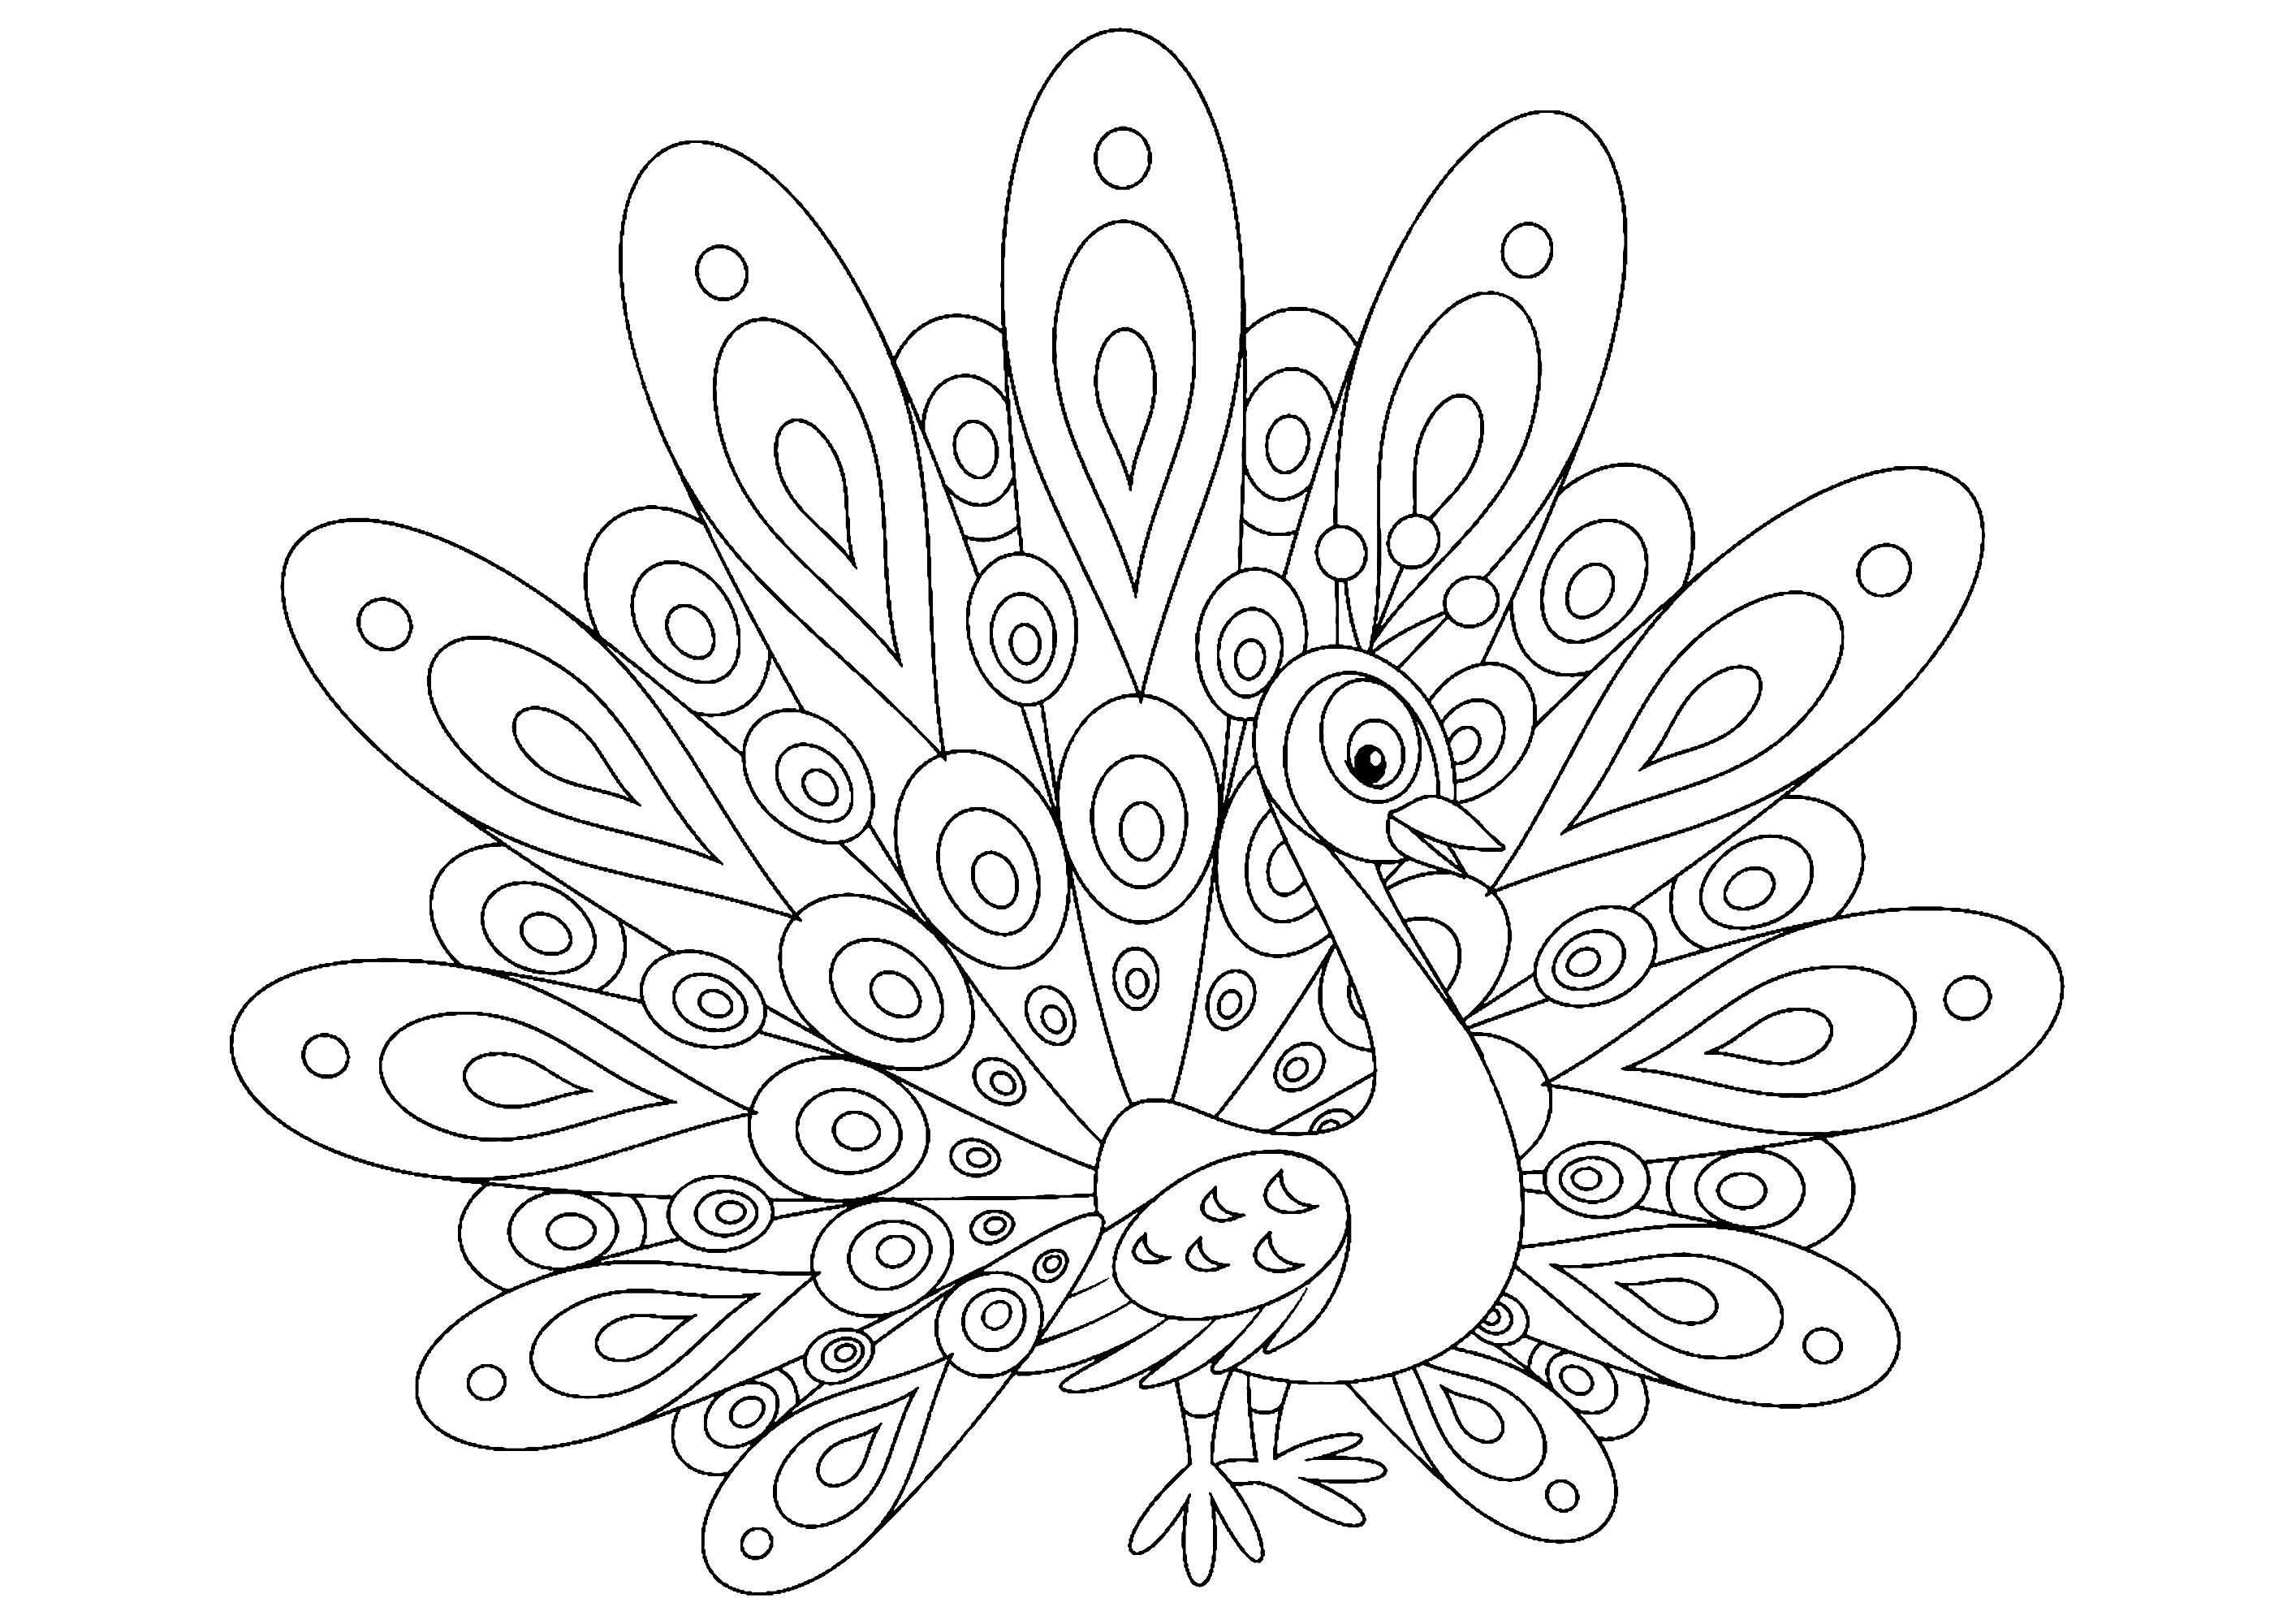 Disegni da Colorare per Adulti : Peacocks - 1